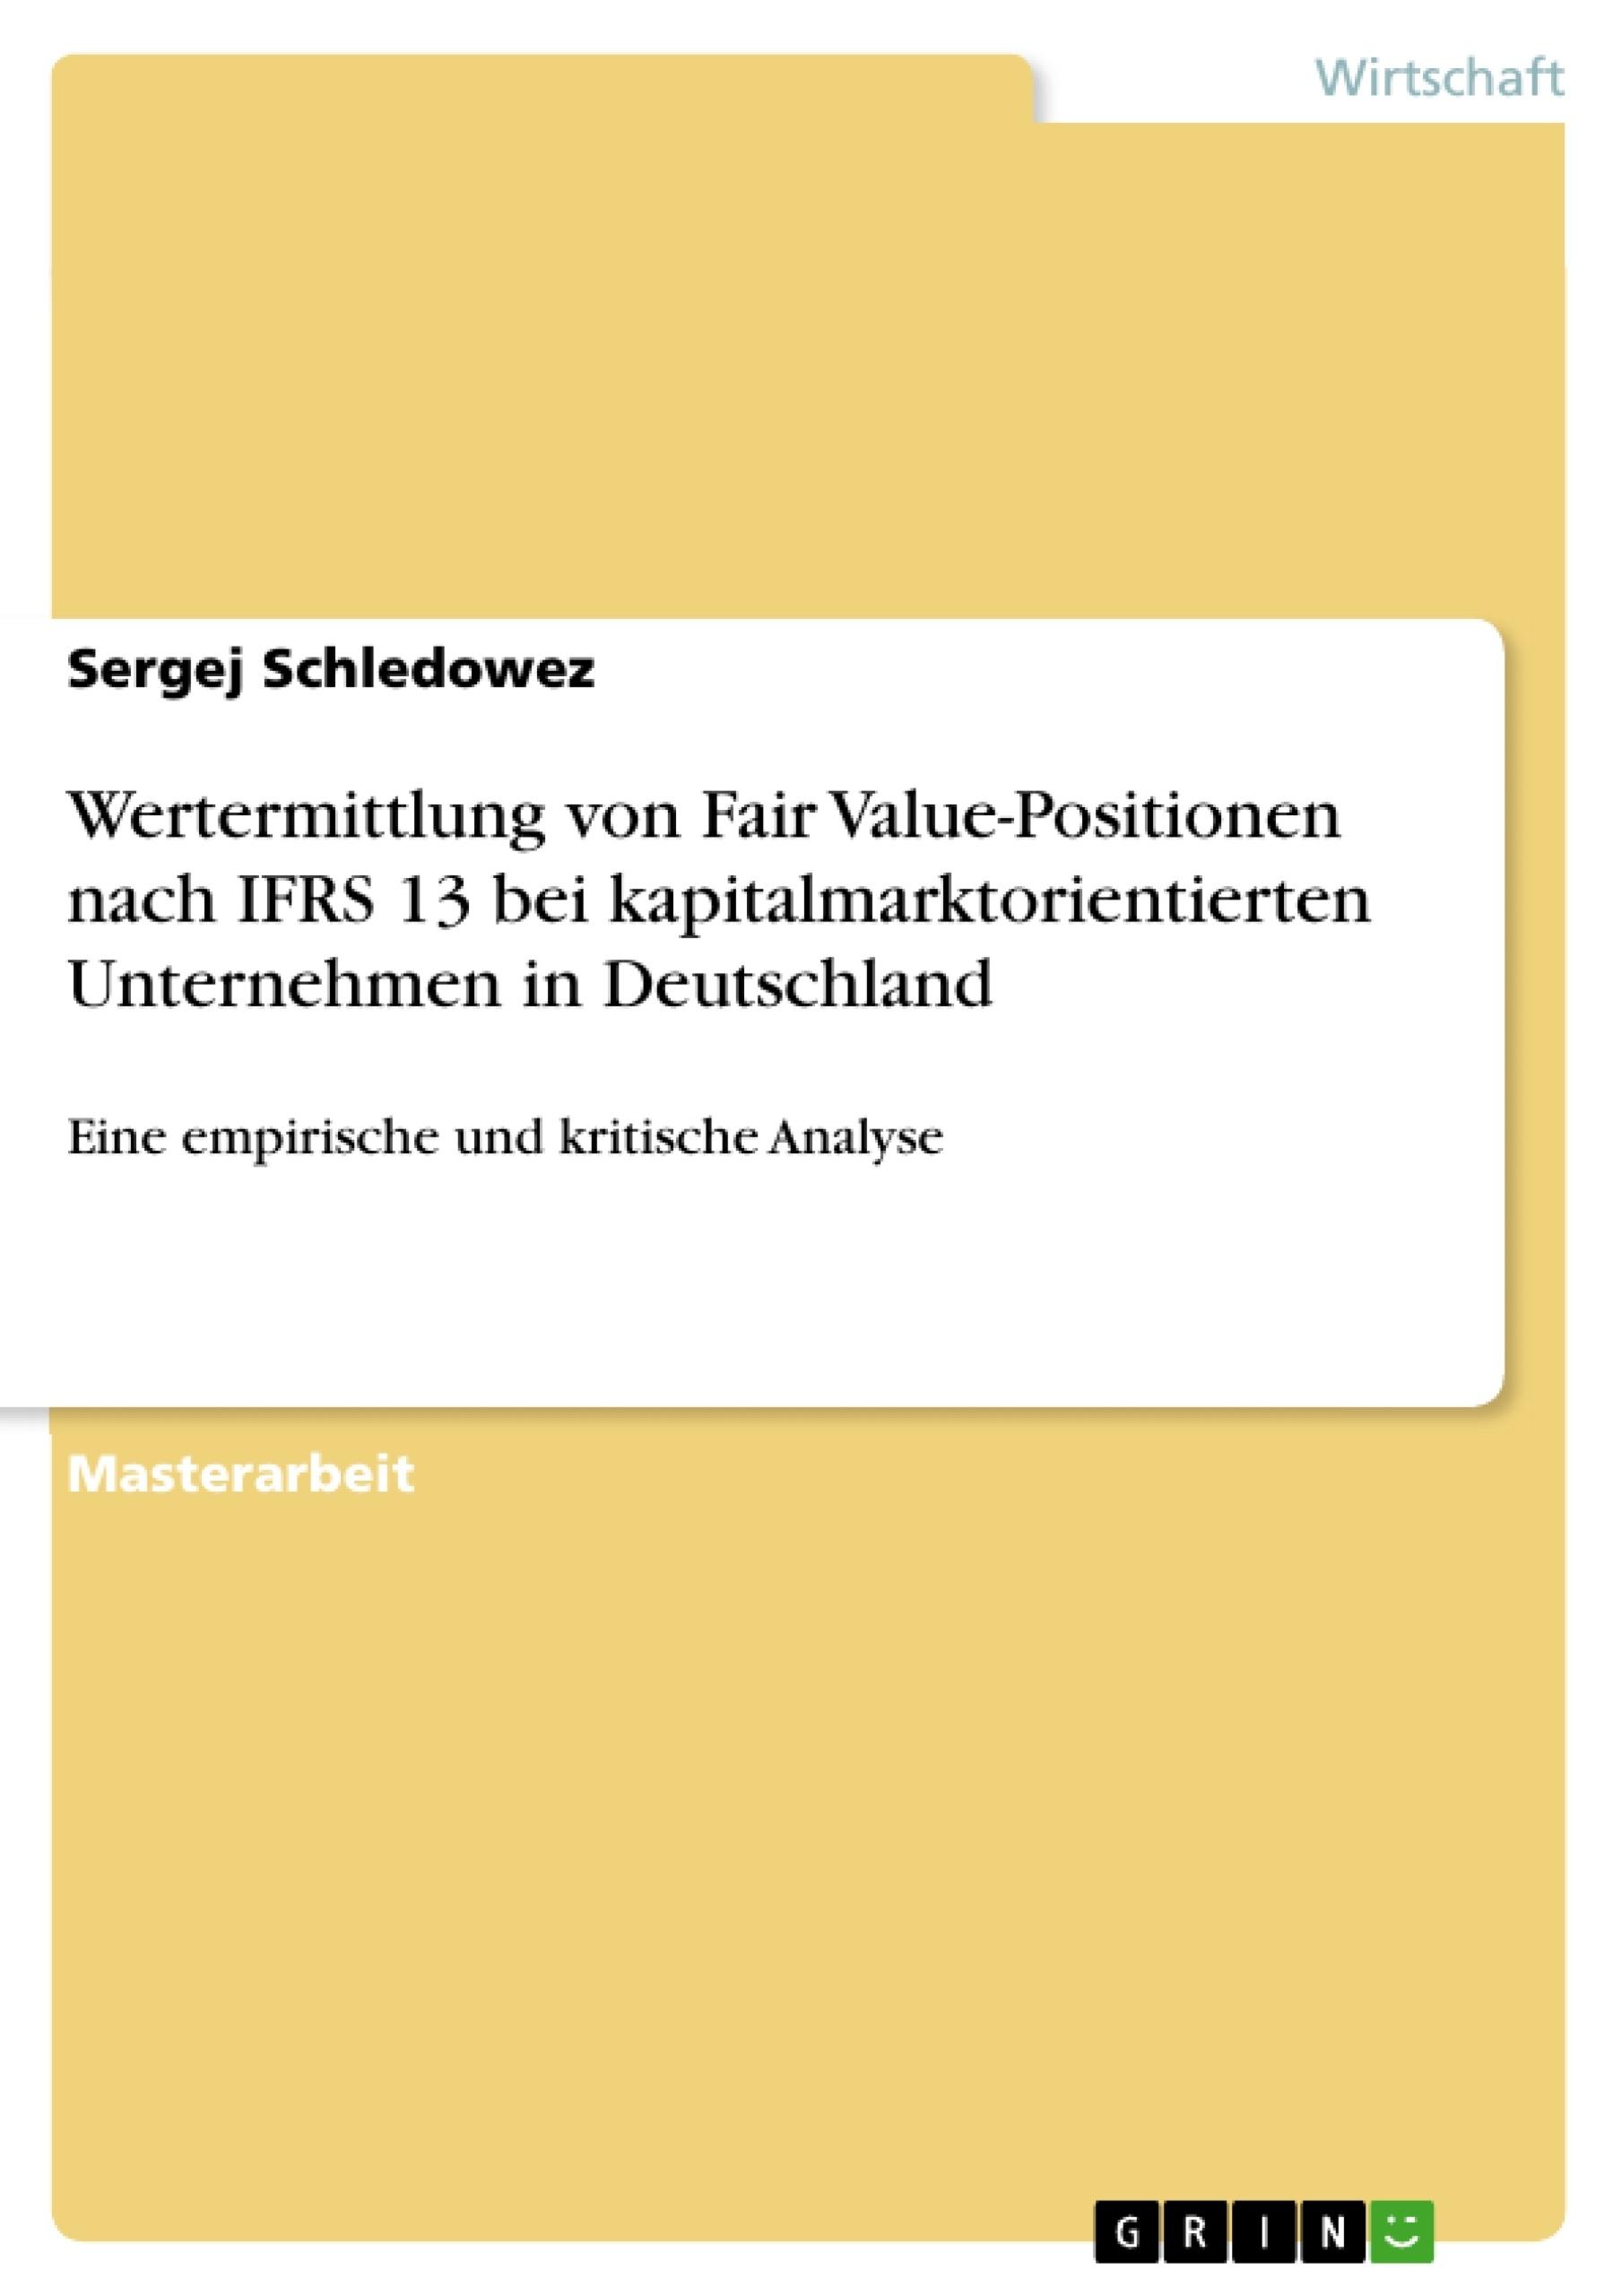 Titel: Wertermittlung von Fair Value-Positionen nach IFRS 13 bei kapitalmarktorientierten Unternehmen in Deutschland